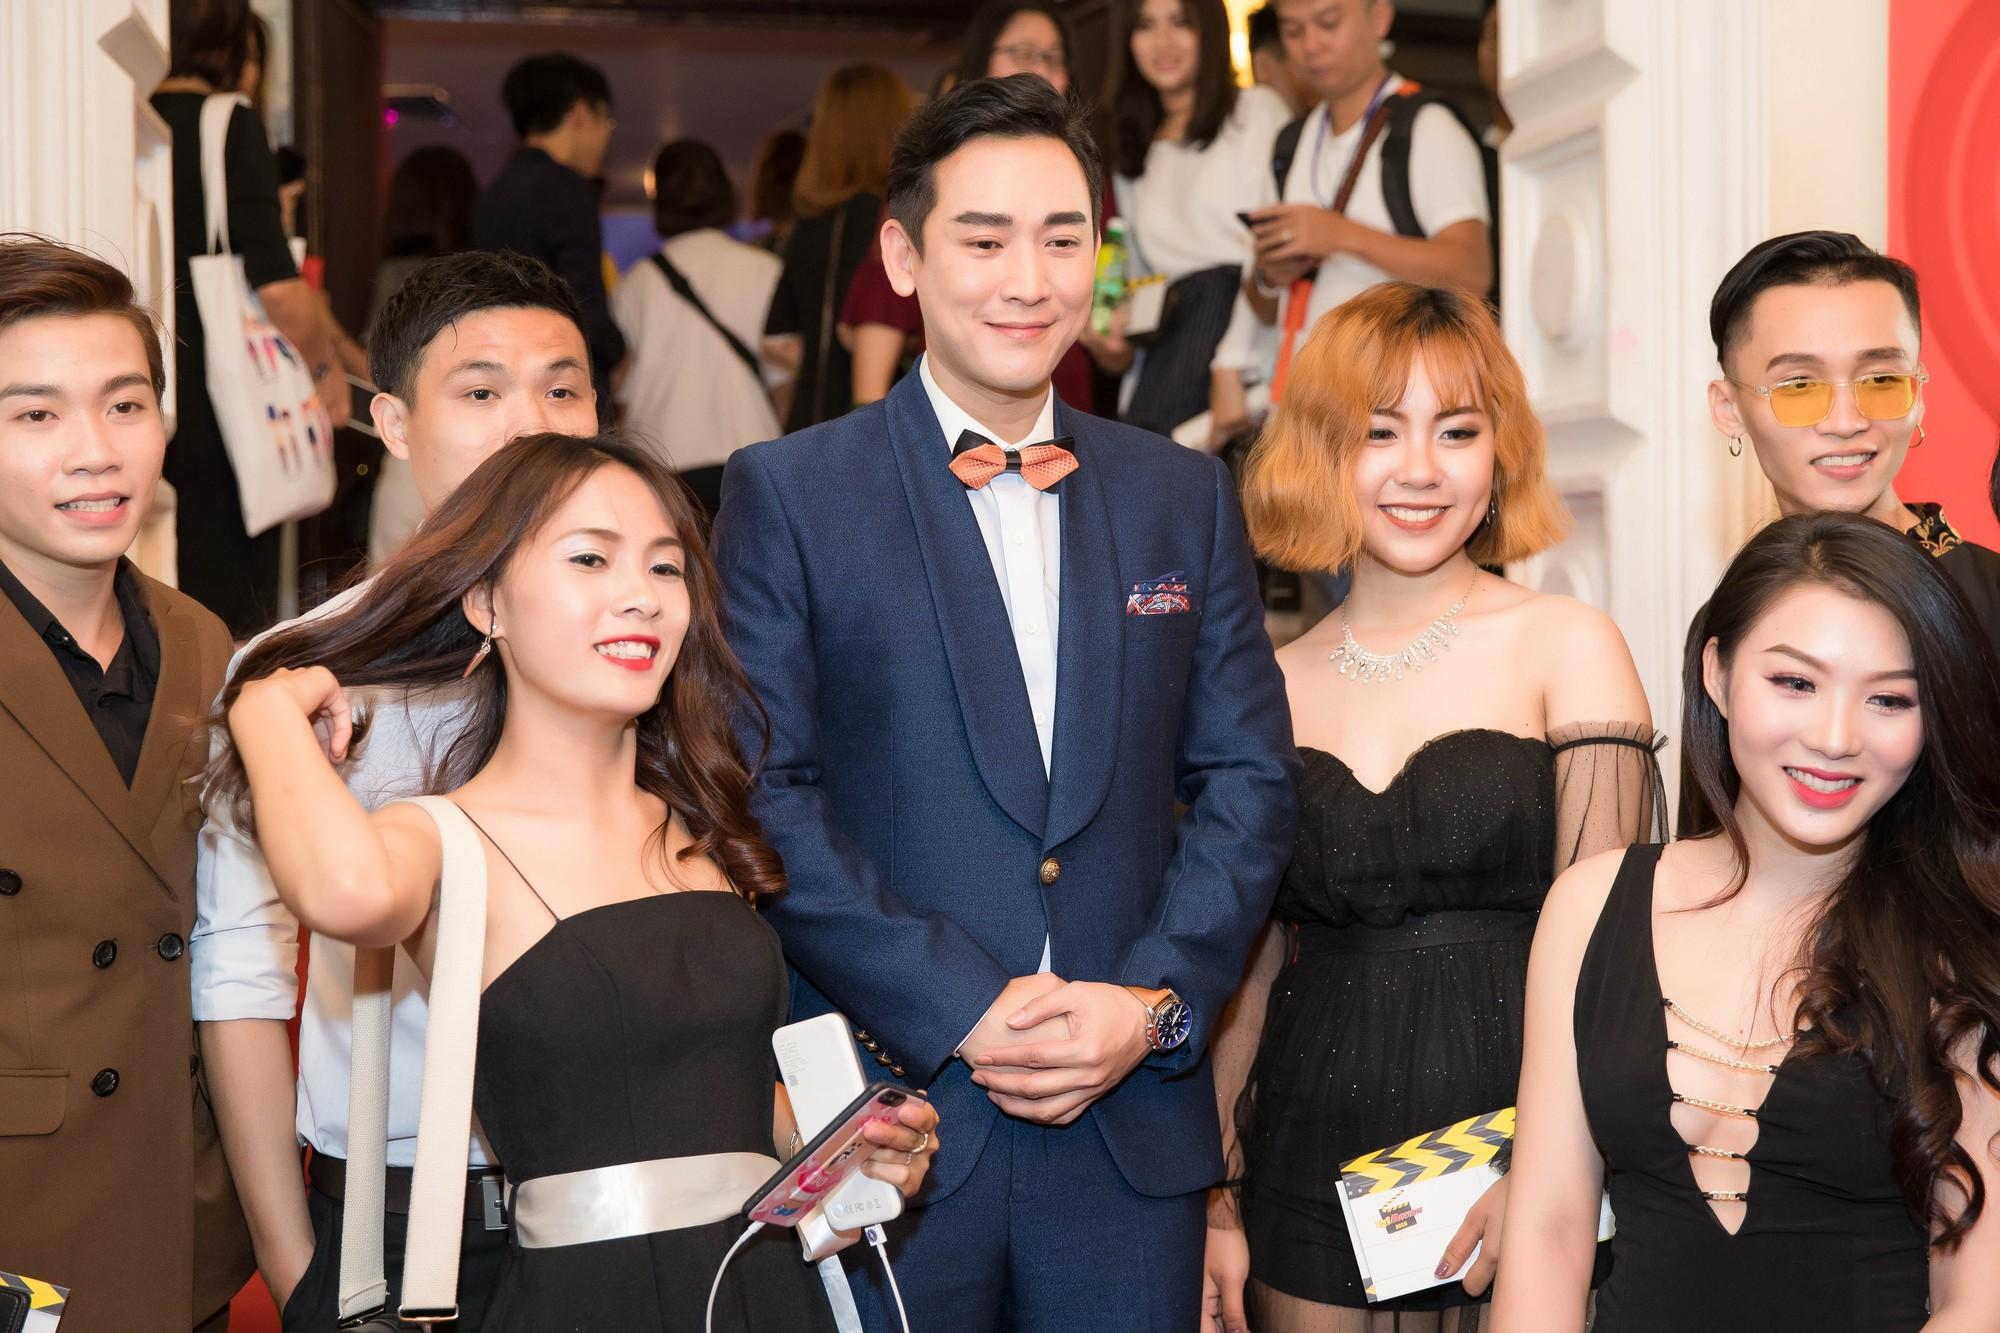 Hứa Vĩ Văn hóa quý ông lịch lãm, Hoa hậu Diệu Linh diện đầm độc nổi bật  - Ảnh 7.